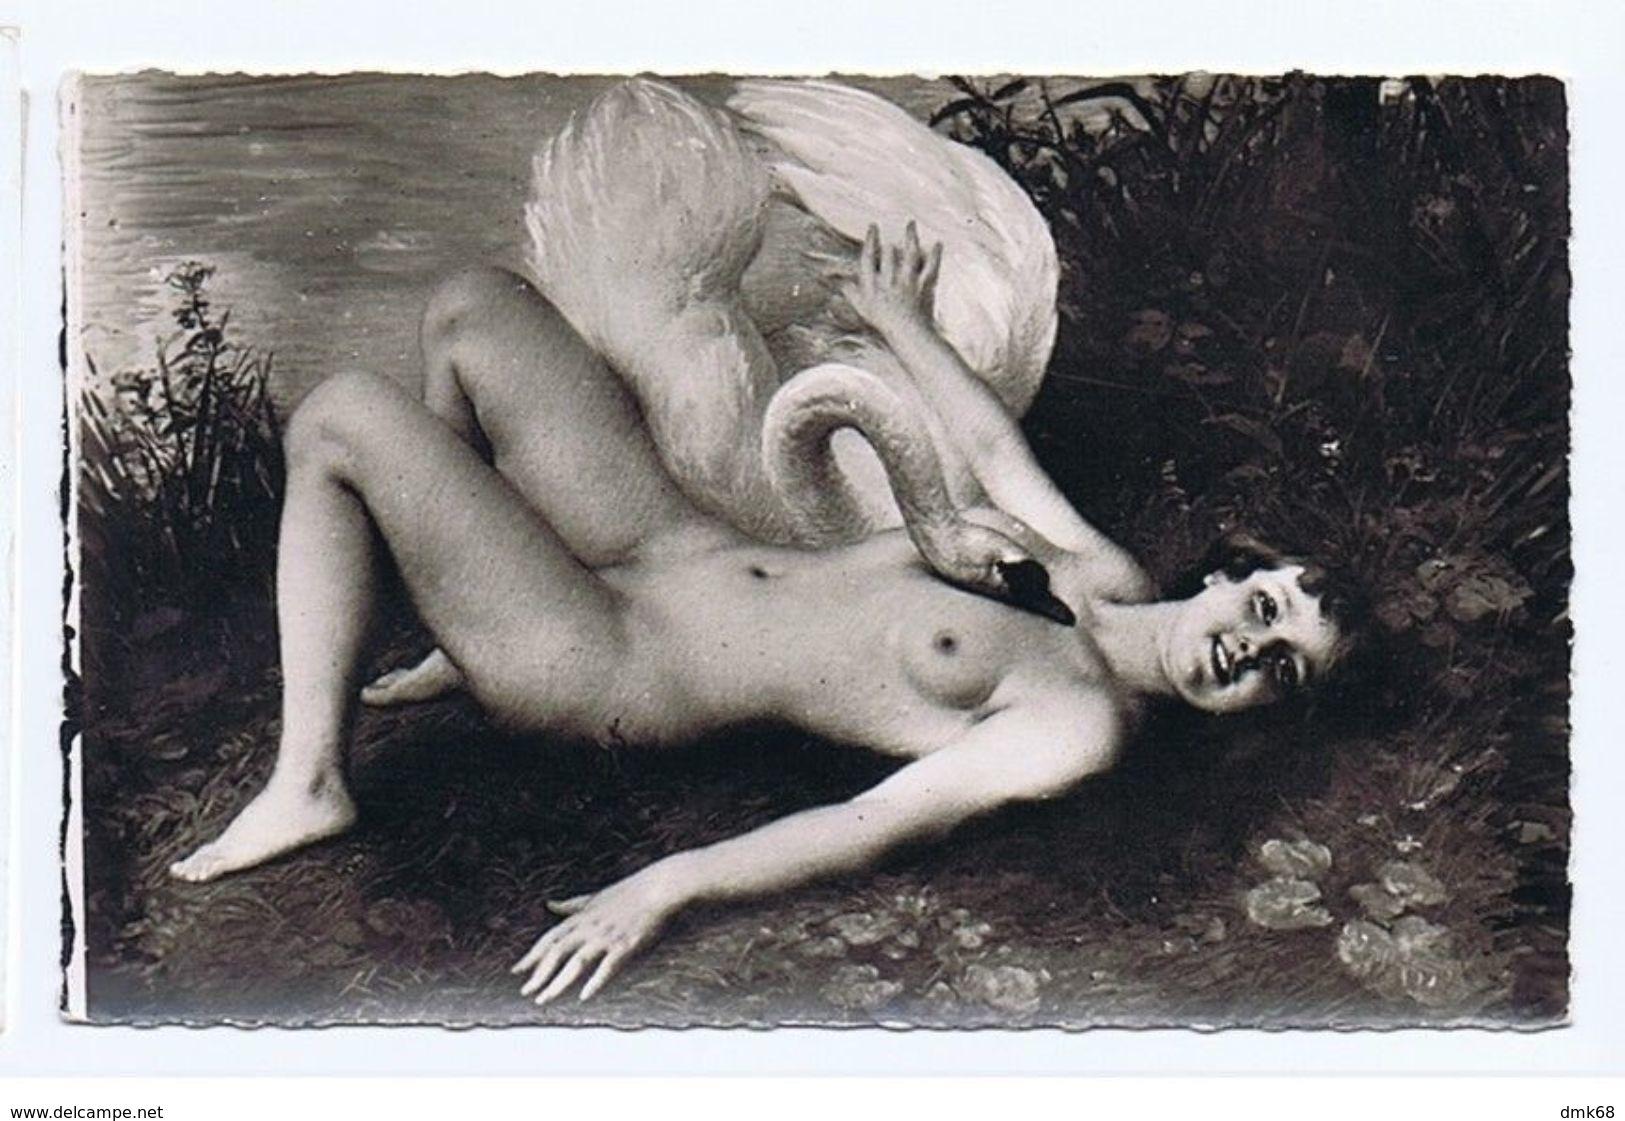 SALON DE PARIS - J. SCALBERT - LEDA - NU / NAKED WOMAN - RPPC 1940s (32) - Peintures & Tableaux